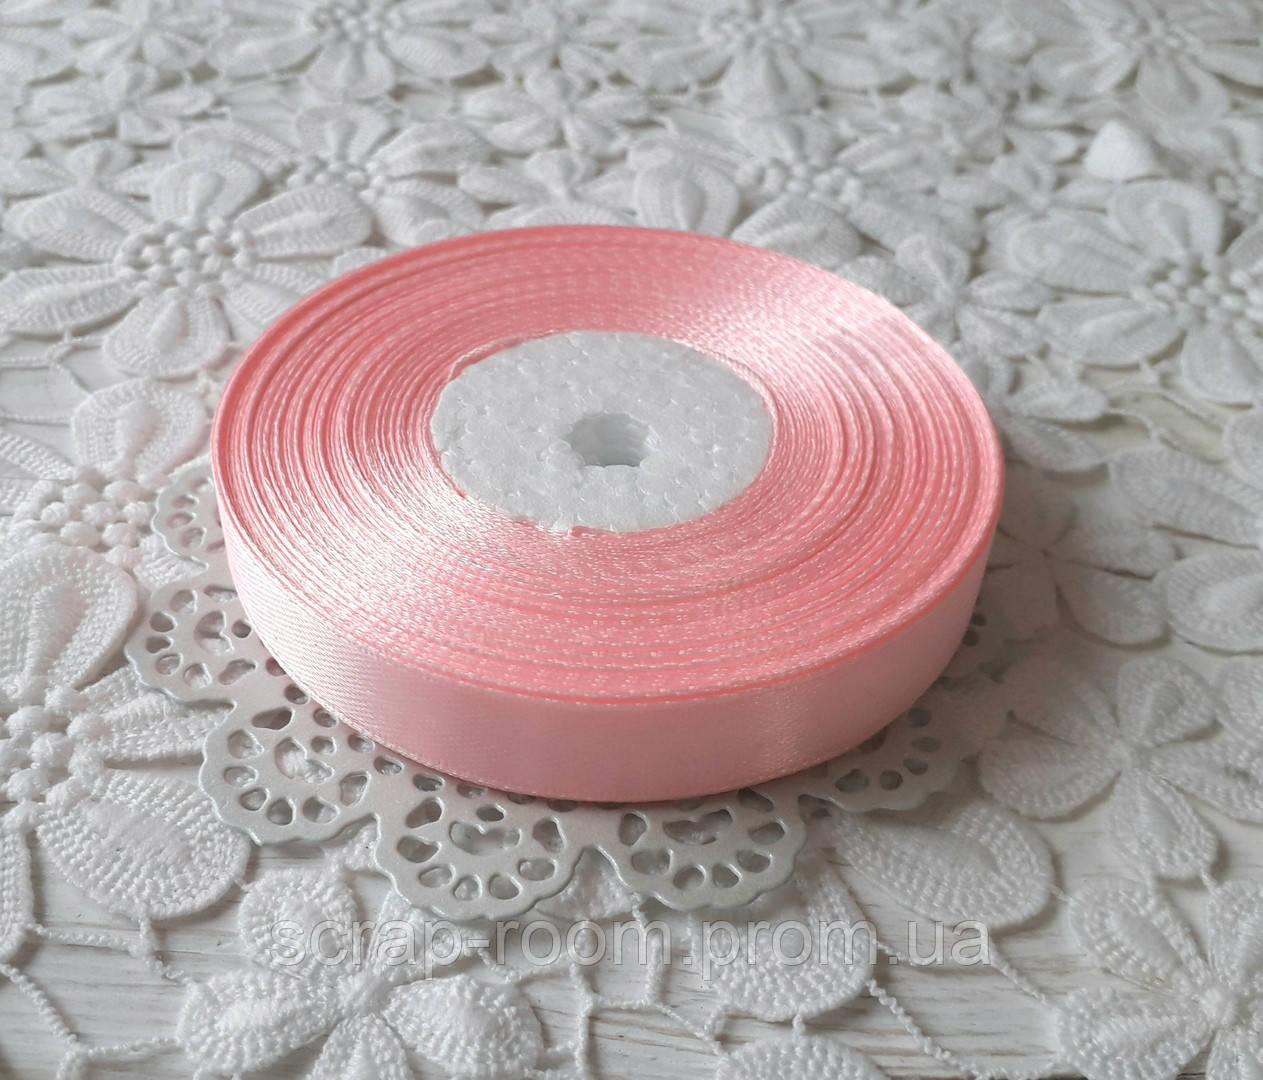 Лента атласная 1,2 см светло-розовая, лента розовая атлас, лента атласная нежно-розовая, цена за метр